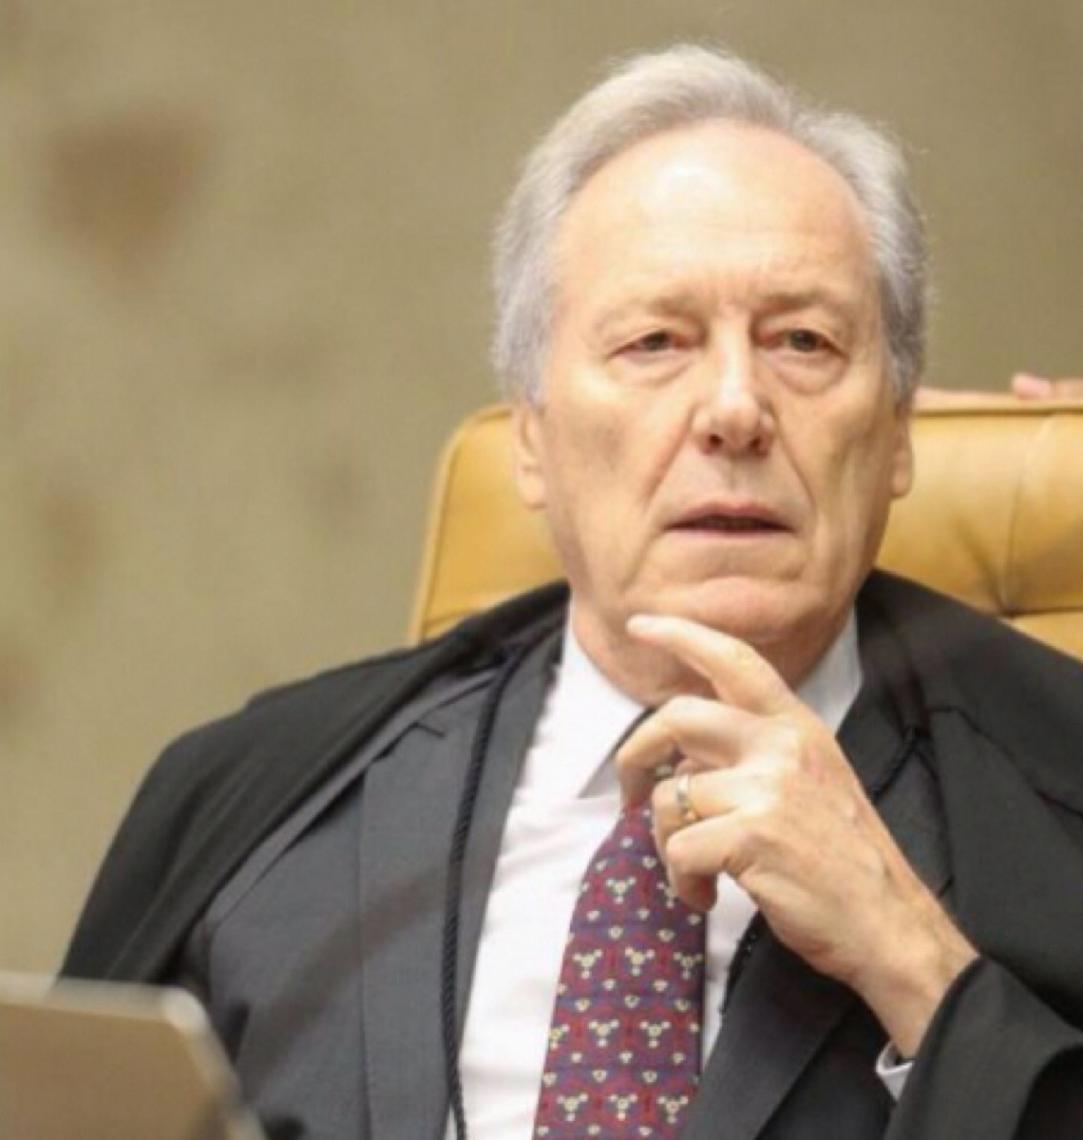 Lewandowski diz que, se plenário demorar, pode decidir sobre pedidos para anular condenações da Lava Jato